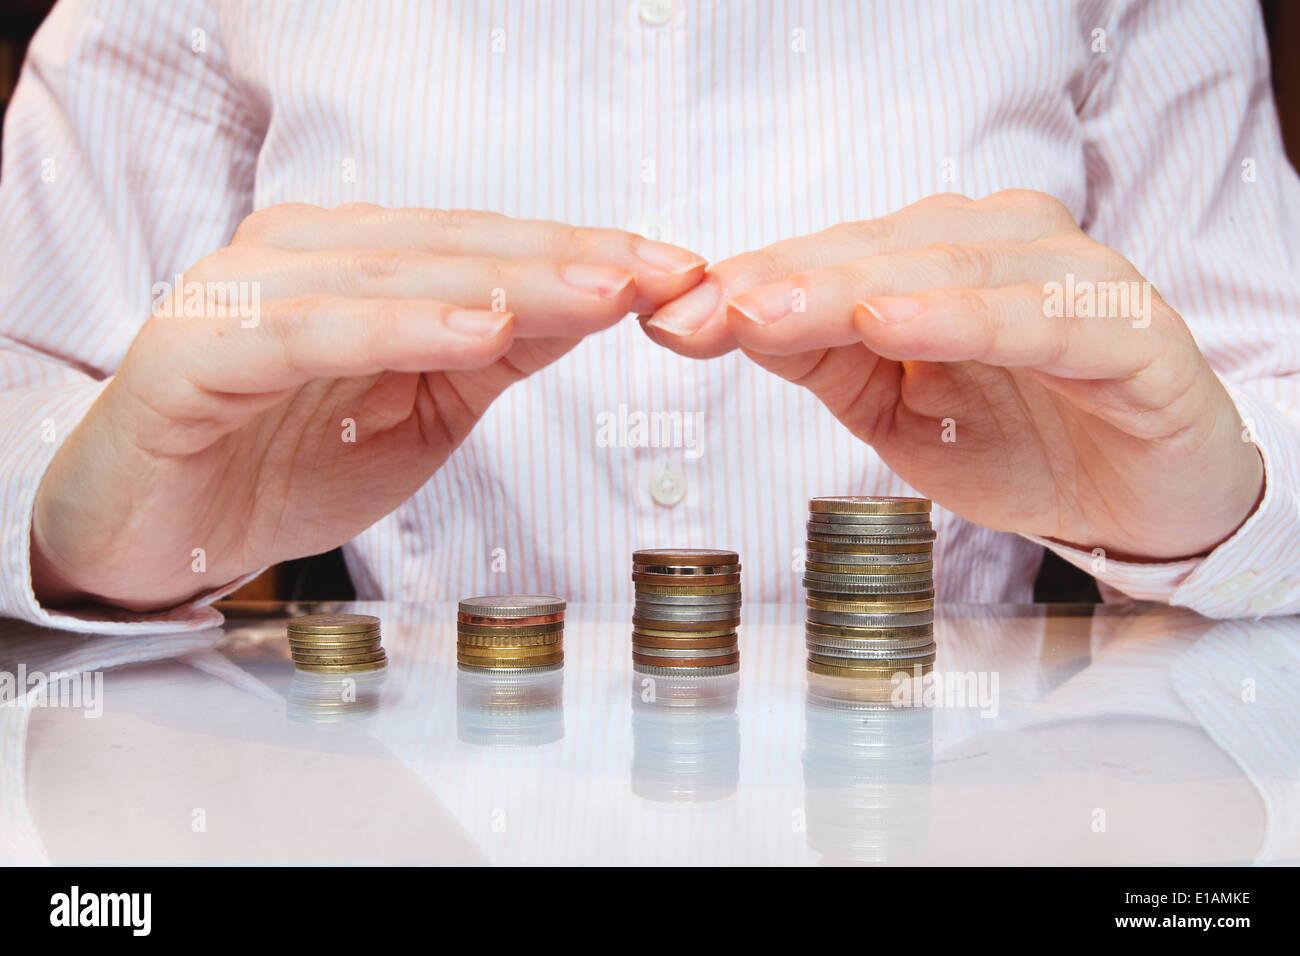 L'investissement de la banque, d'enregistrer et de croissance money concept Photo Stock